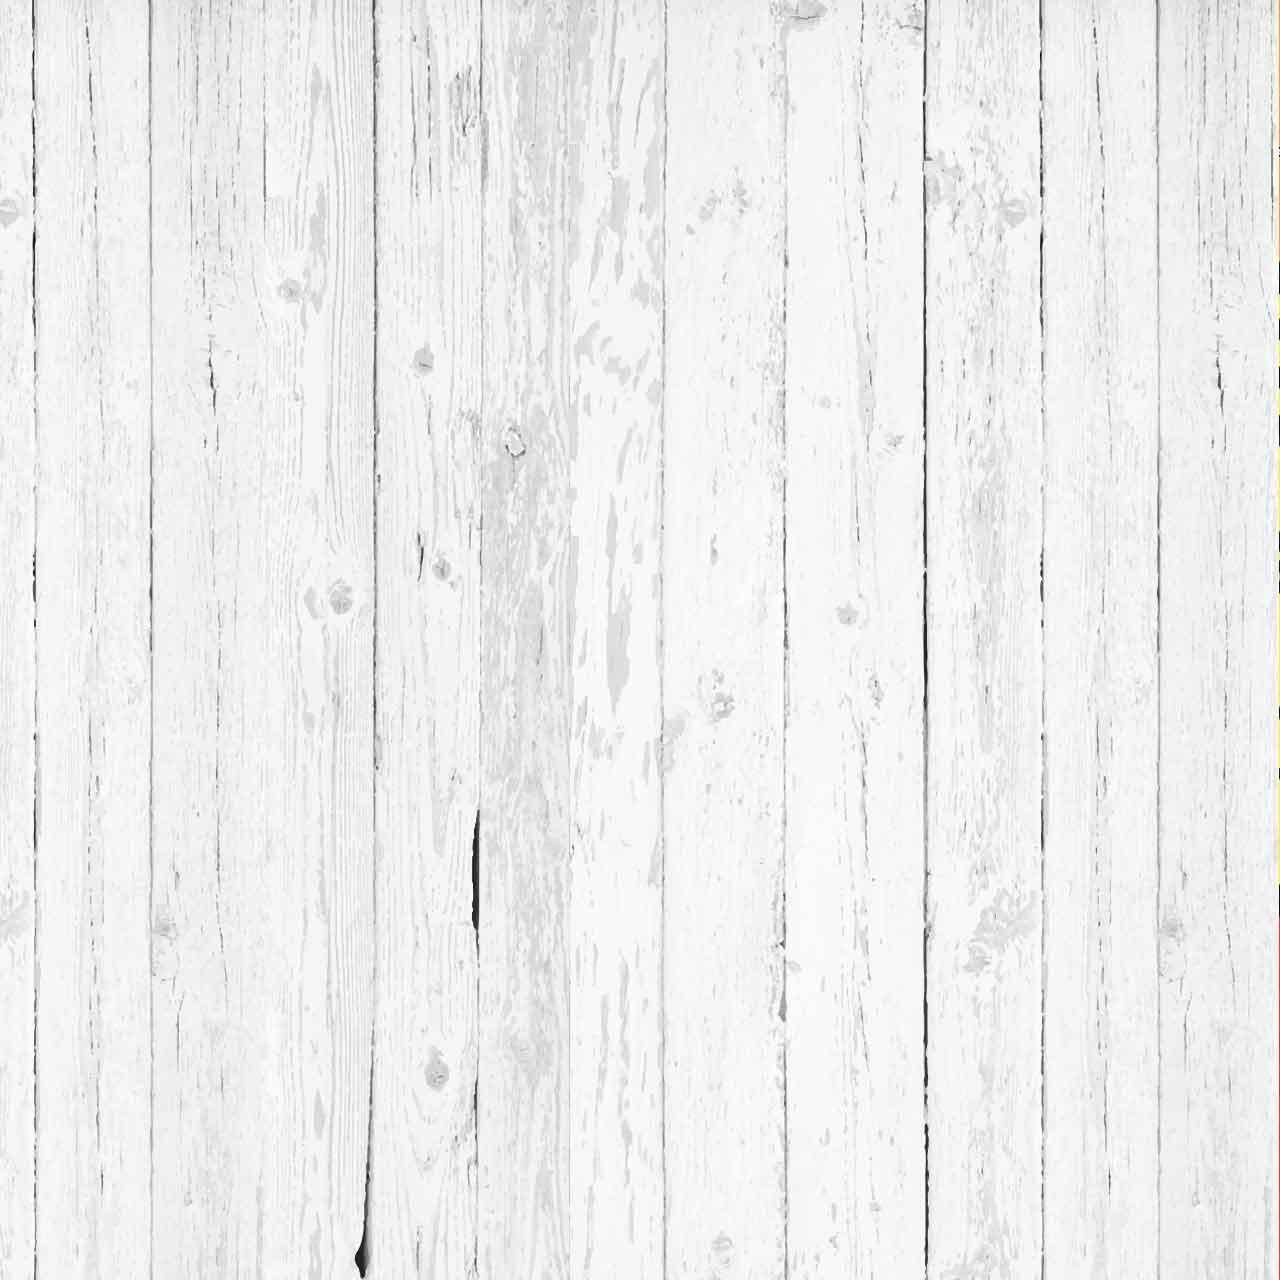 Hintergrund System Weisse Holzwand B02 Die Fotobox Rockt